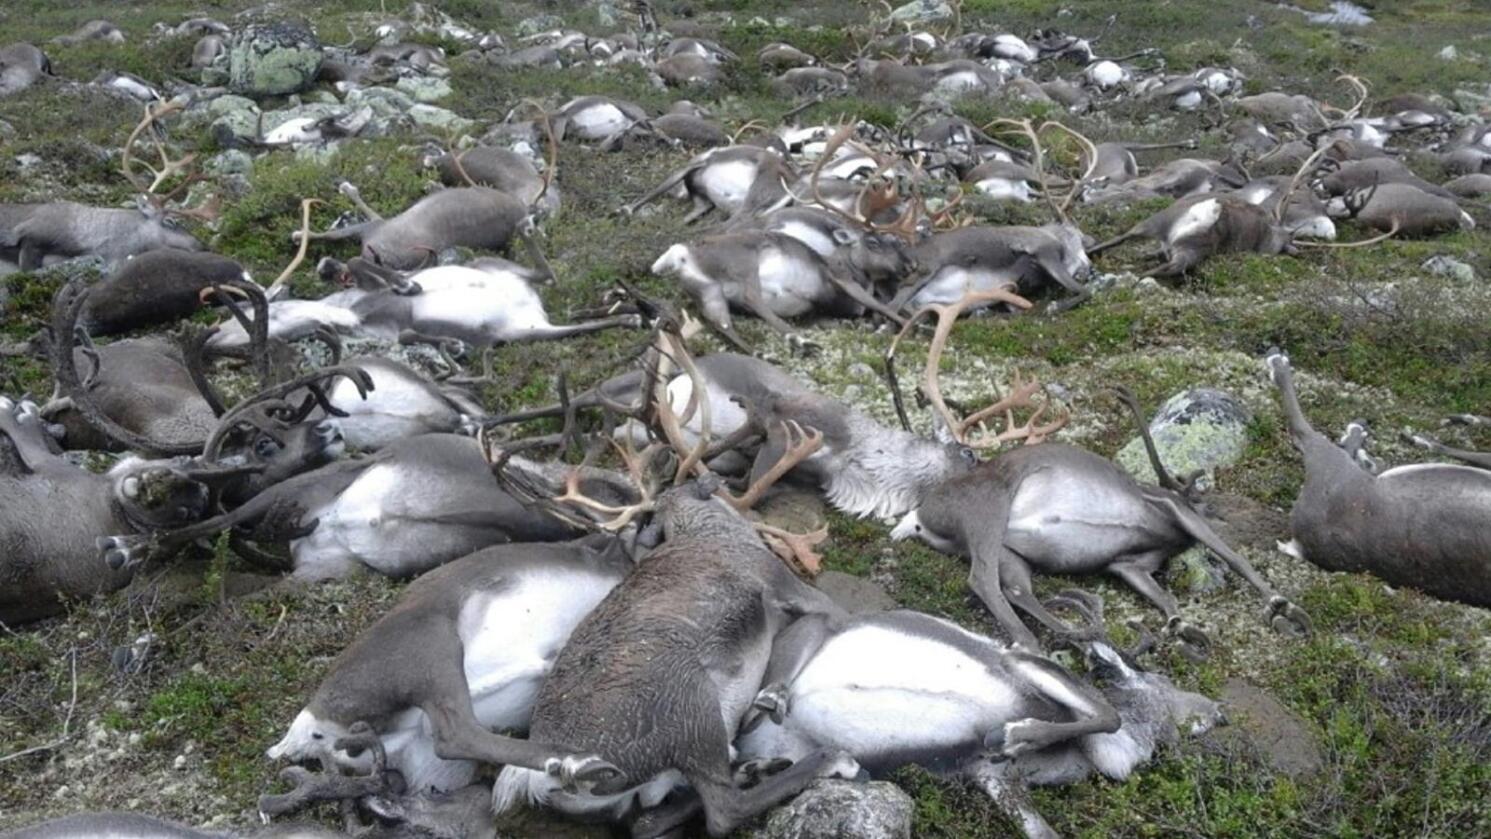 Lynnedslag er trolig årsaken til at 322 reinsdyr ble funnet døde på lite område sør på Hardangervidda. En jaktoppsynsmann oppdaget dyretragedien på en rutinetur i fjellet. Foto: Håvard Kjøntvedt / Statens naturoppsyn / NTB scanpix